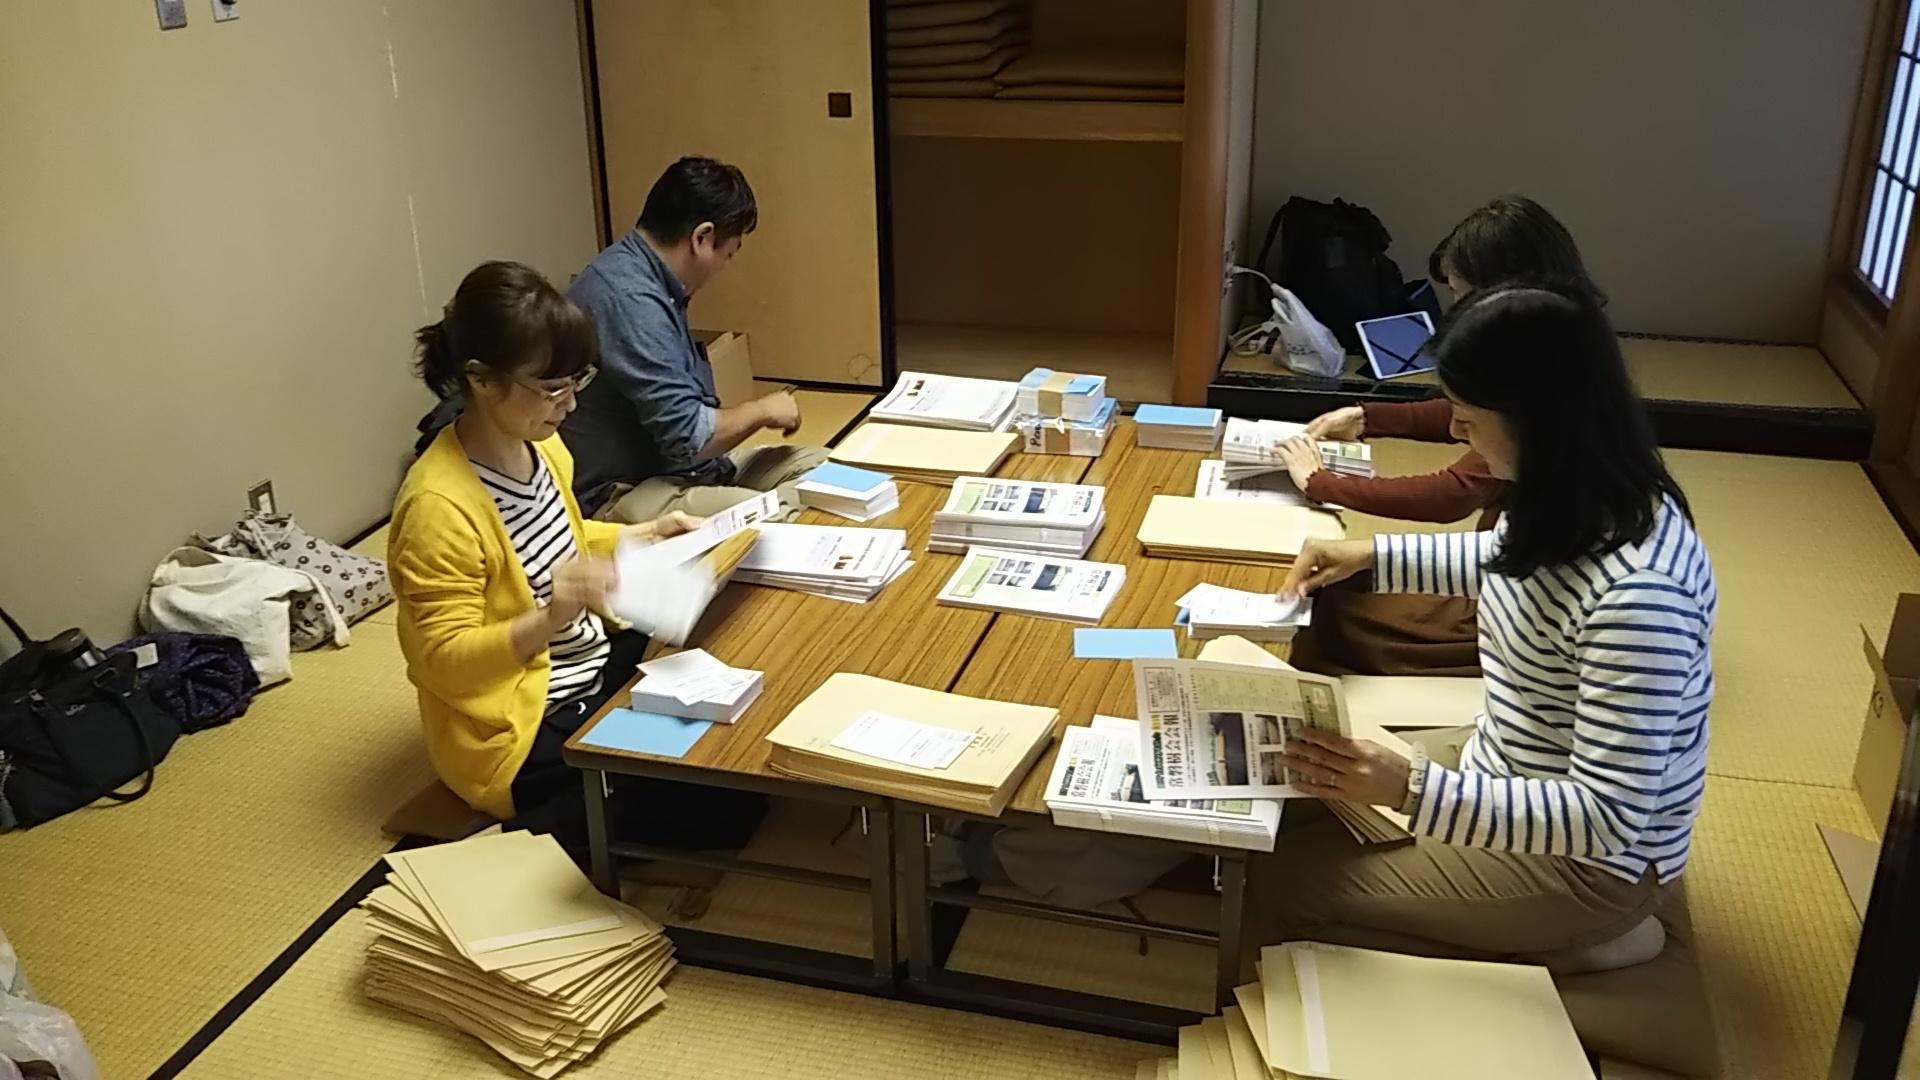 http://hinodai.sakura.ne.jp/news/DSC_0180.JPG